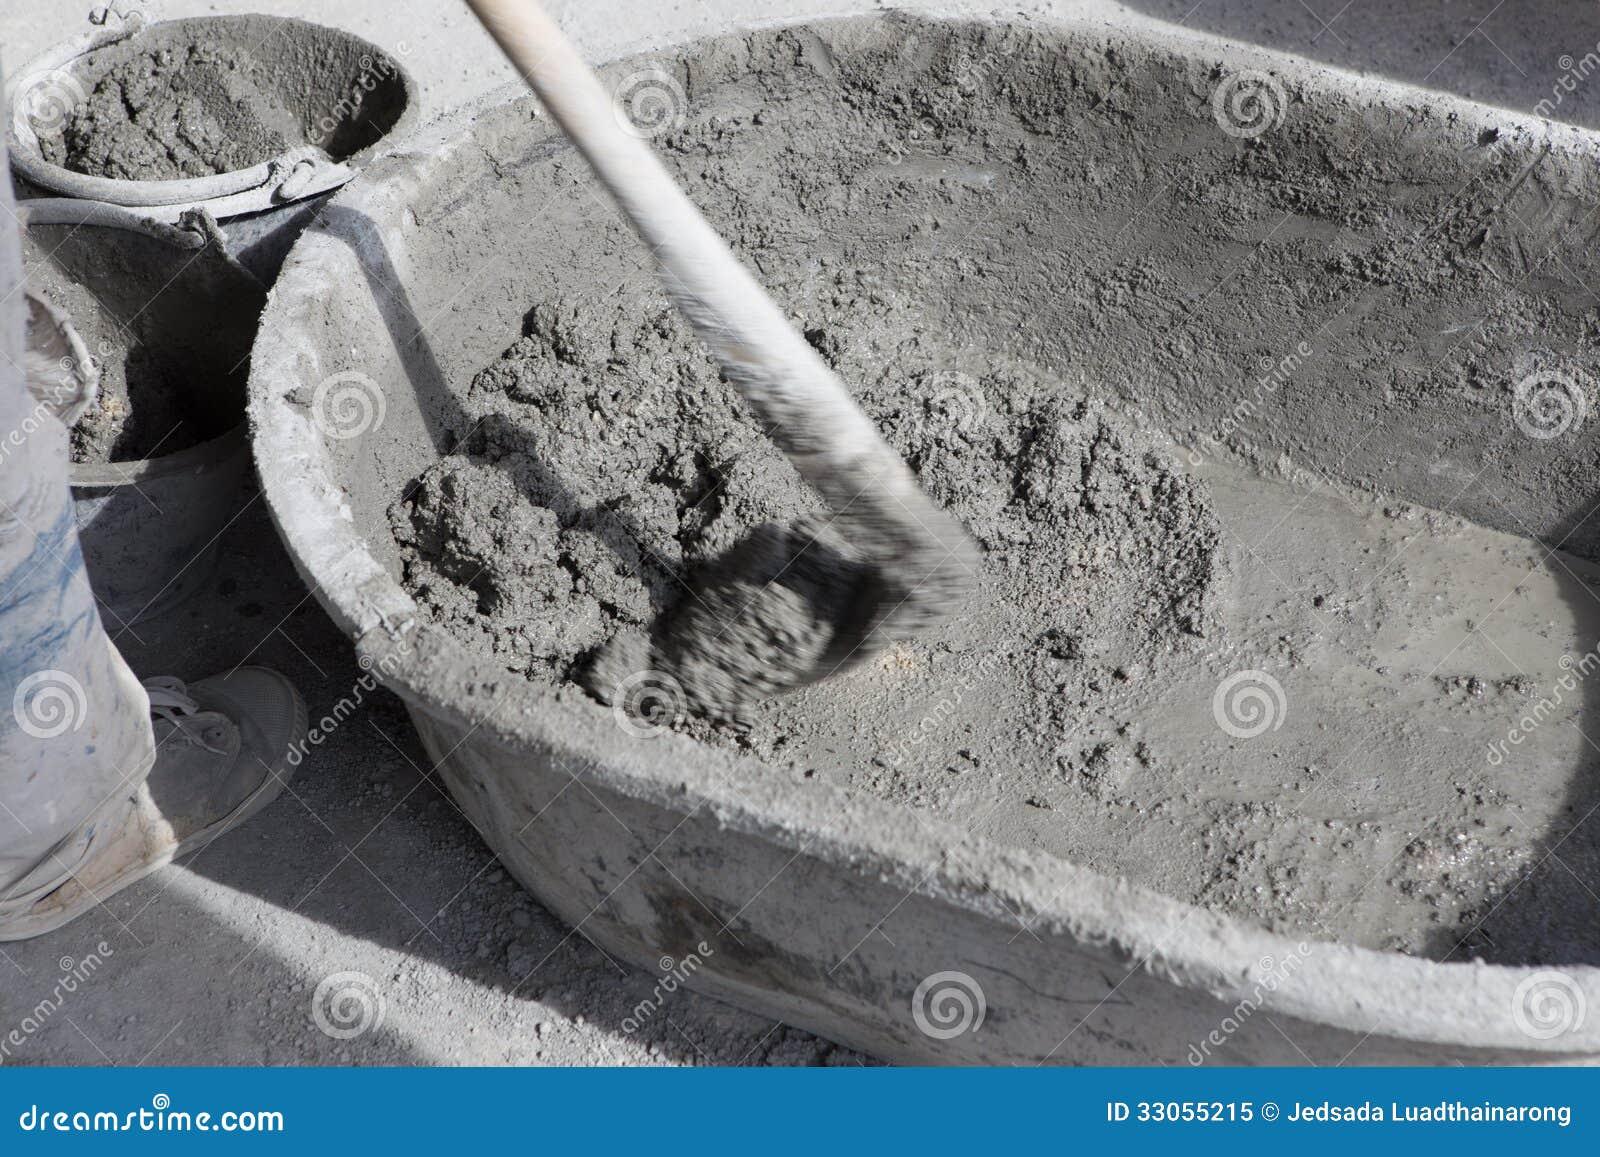 El trabajador prepara el mortero del cemento preparado for Mortero de cemento